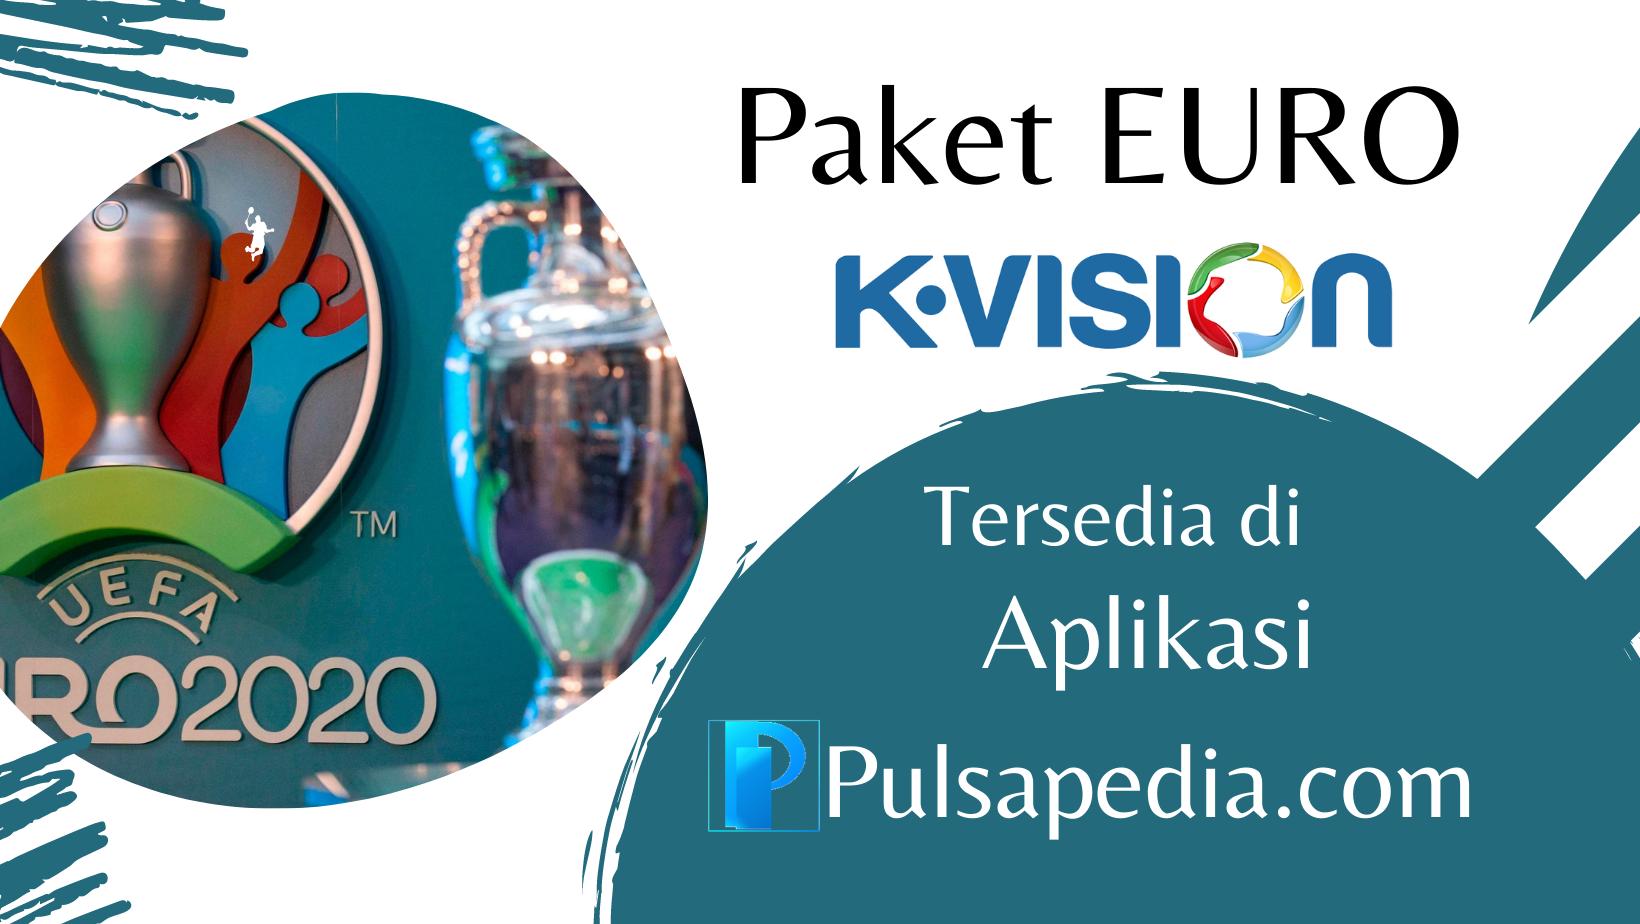 Cara Beli Paket Euro K Vision